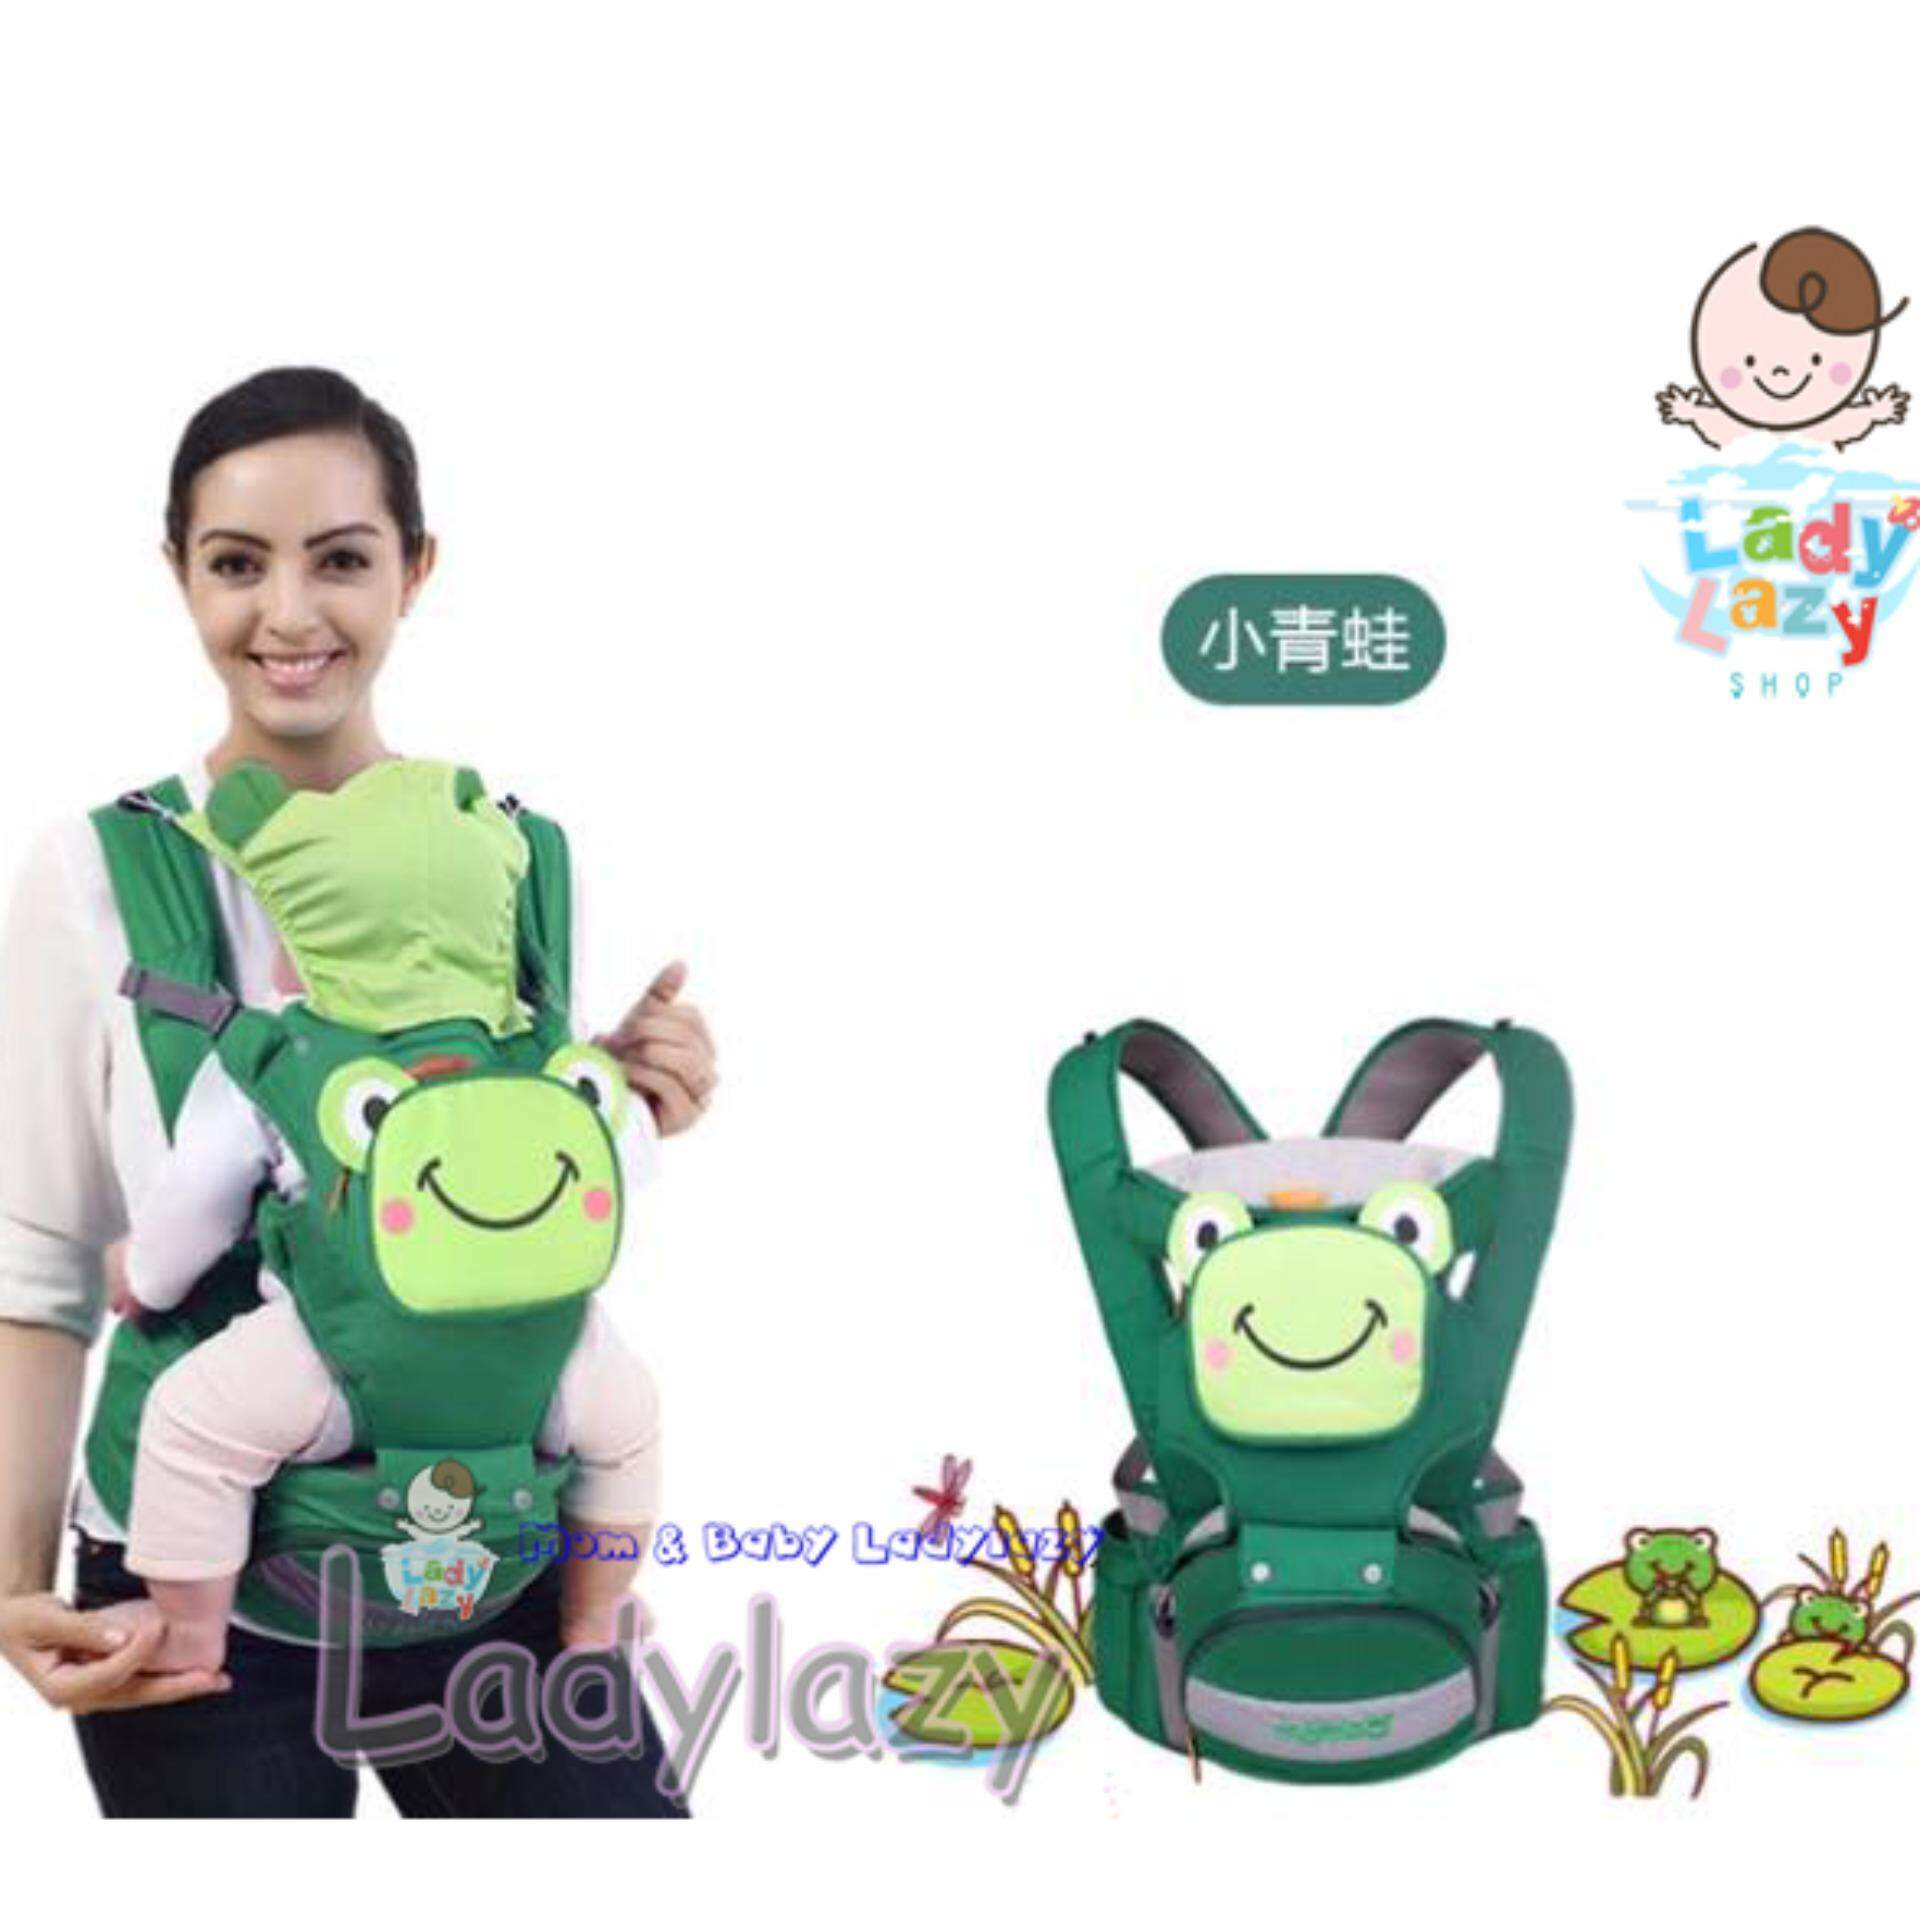 Ladylazy เป้อุ้มเด็ก 4in1 Hip Seat Carrier (กบน้อย สีเขียว) แนะนำ รุ่นไหนดีสุด